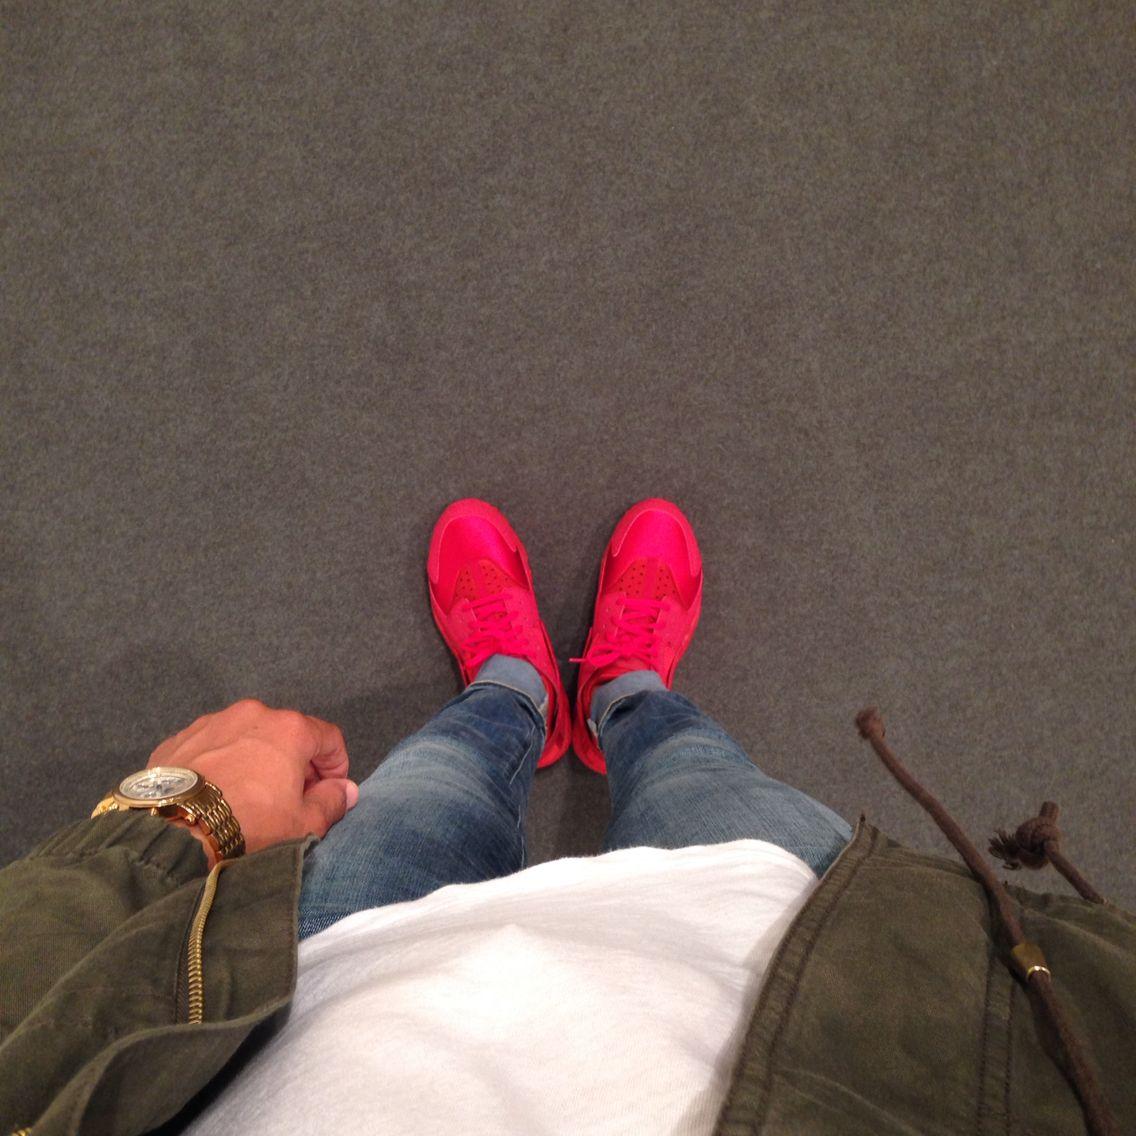 da7dab650e118 Nike Air Women red huaraches outfit.